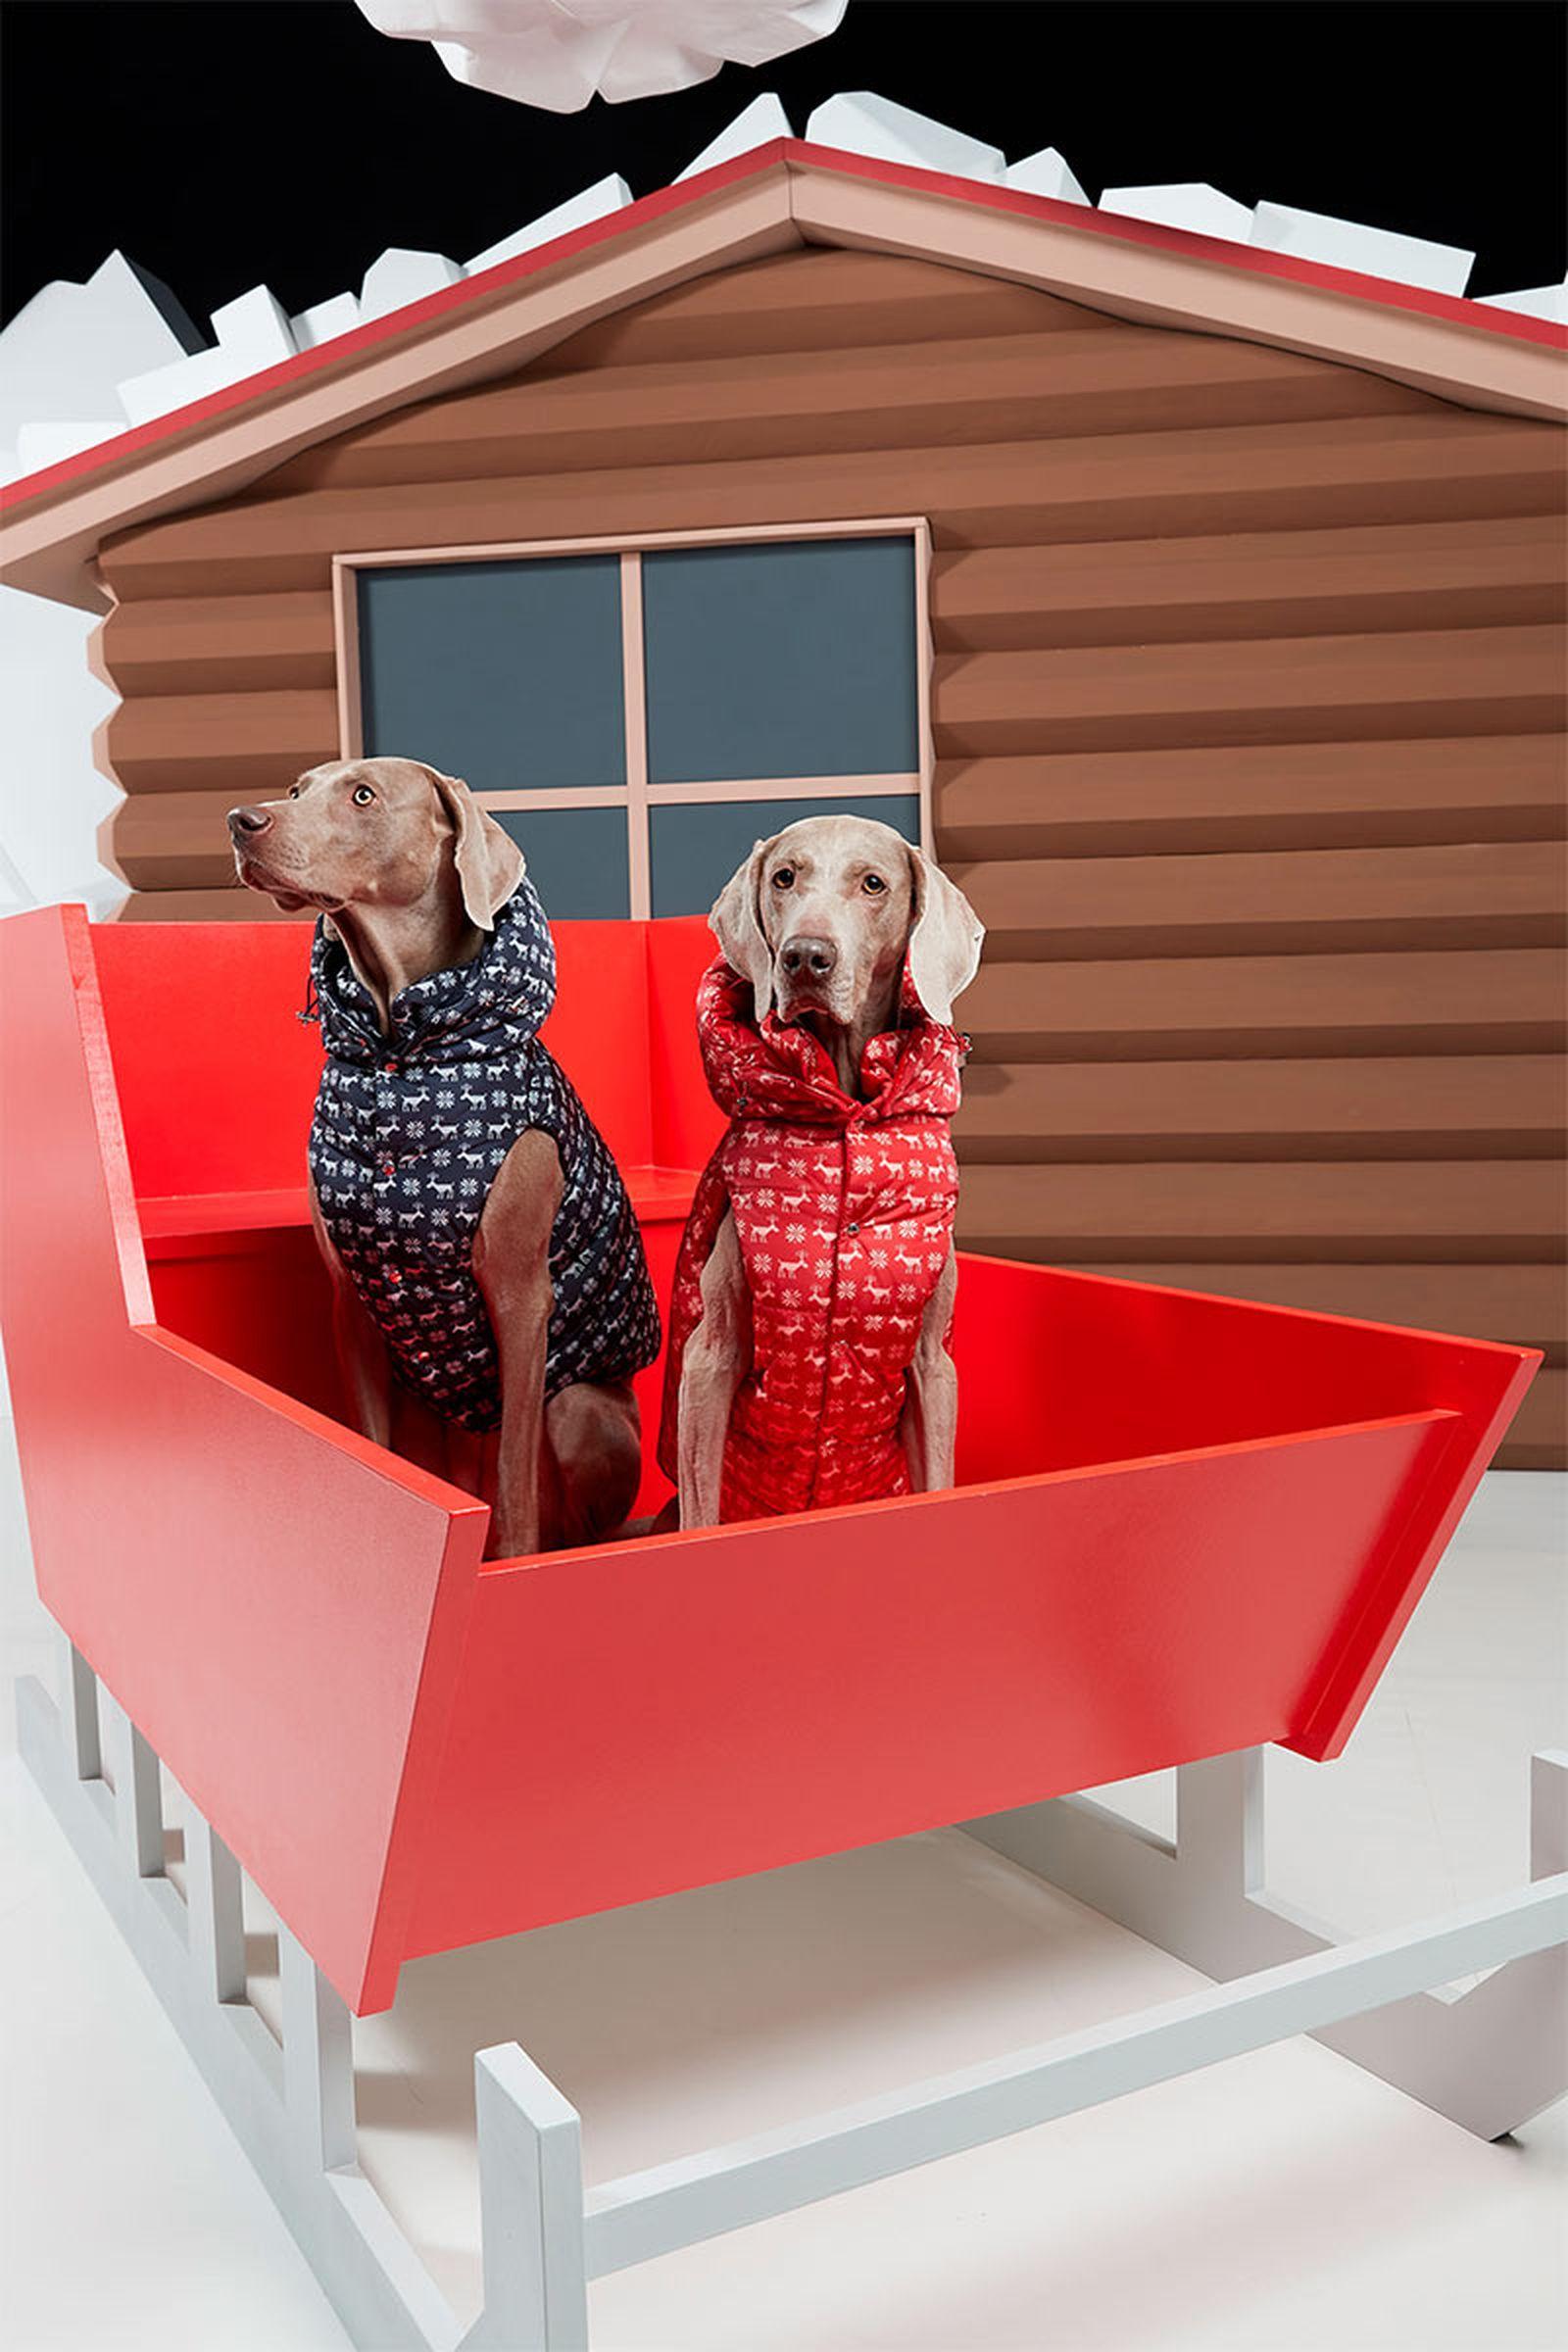 moncler-genius-poldo-dog-couture-6